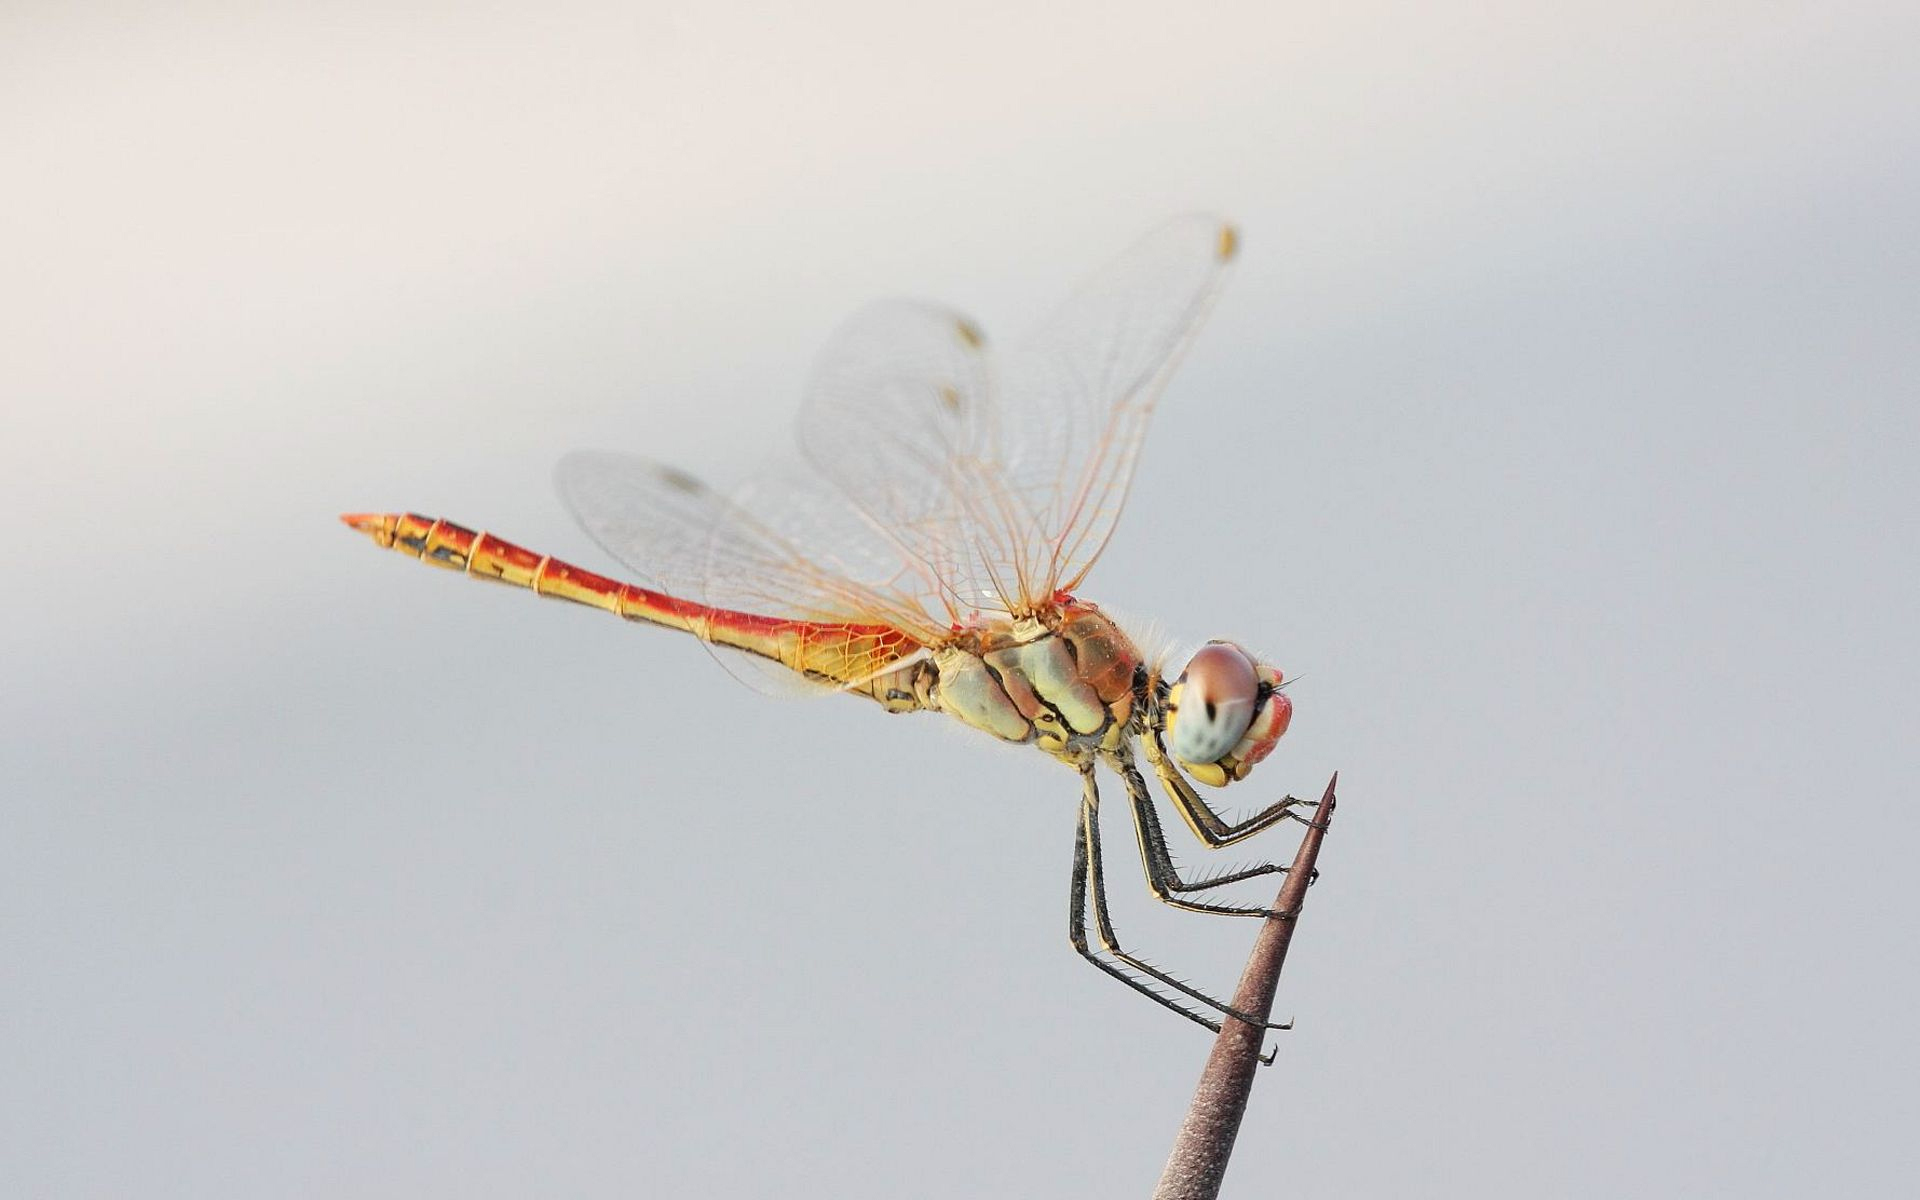 红蜻蜓腹长约3厘米,后翅长约四厘米。成熟雄蜻蜓体色为朱红色,翅膀透明;雌虫则为黄色,分布于中 红蜻蜓照片1低海拔地区。红蜻蜓主要出现在4-12月份,常在水域附近的草丛附近活动,是常见的蜻蜓之一。红蜻蜓是蜻蜓科赤蜻属的总称,有半黄赤蜻和夏赤蜻等约21种。这种蜻蜓雌性成虫和未成熟的雄性都是黄色的,但是雄性在成熟过程中就会慢慢变色,从黄色变成了红色。此前人们以为,这种性别的颜色差异是为了便于其繁殖时的辨识。   日本产业技术综合研究所的研究人员采集了夏赤蜻等3种红蜻蜓的体内色素研究发现,它们属于红色特征较